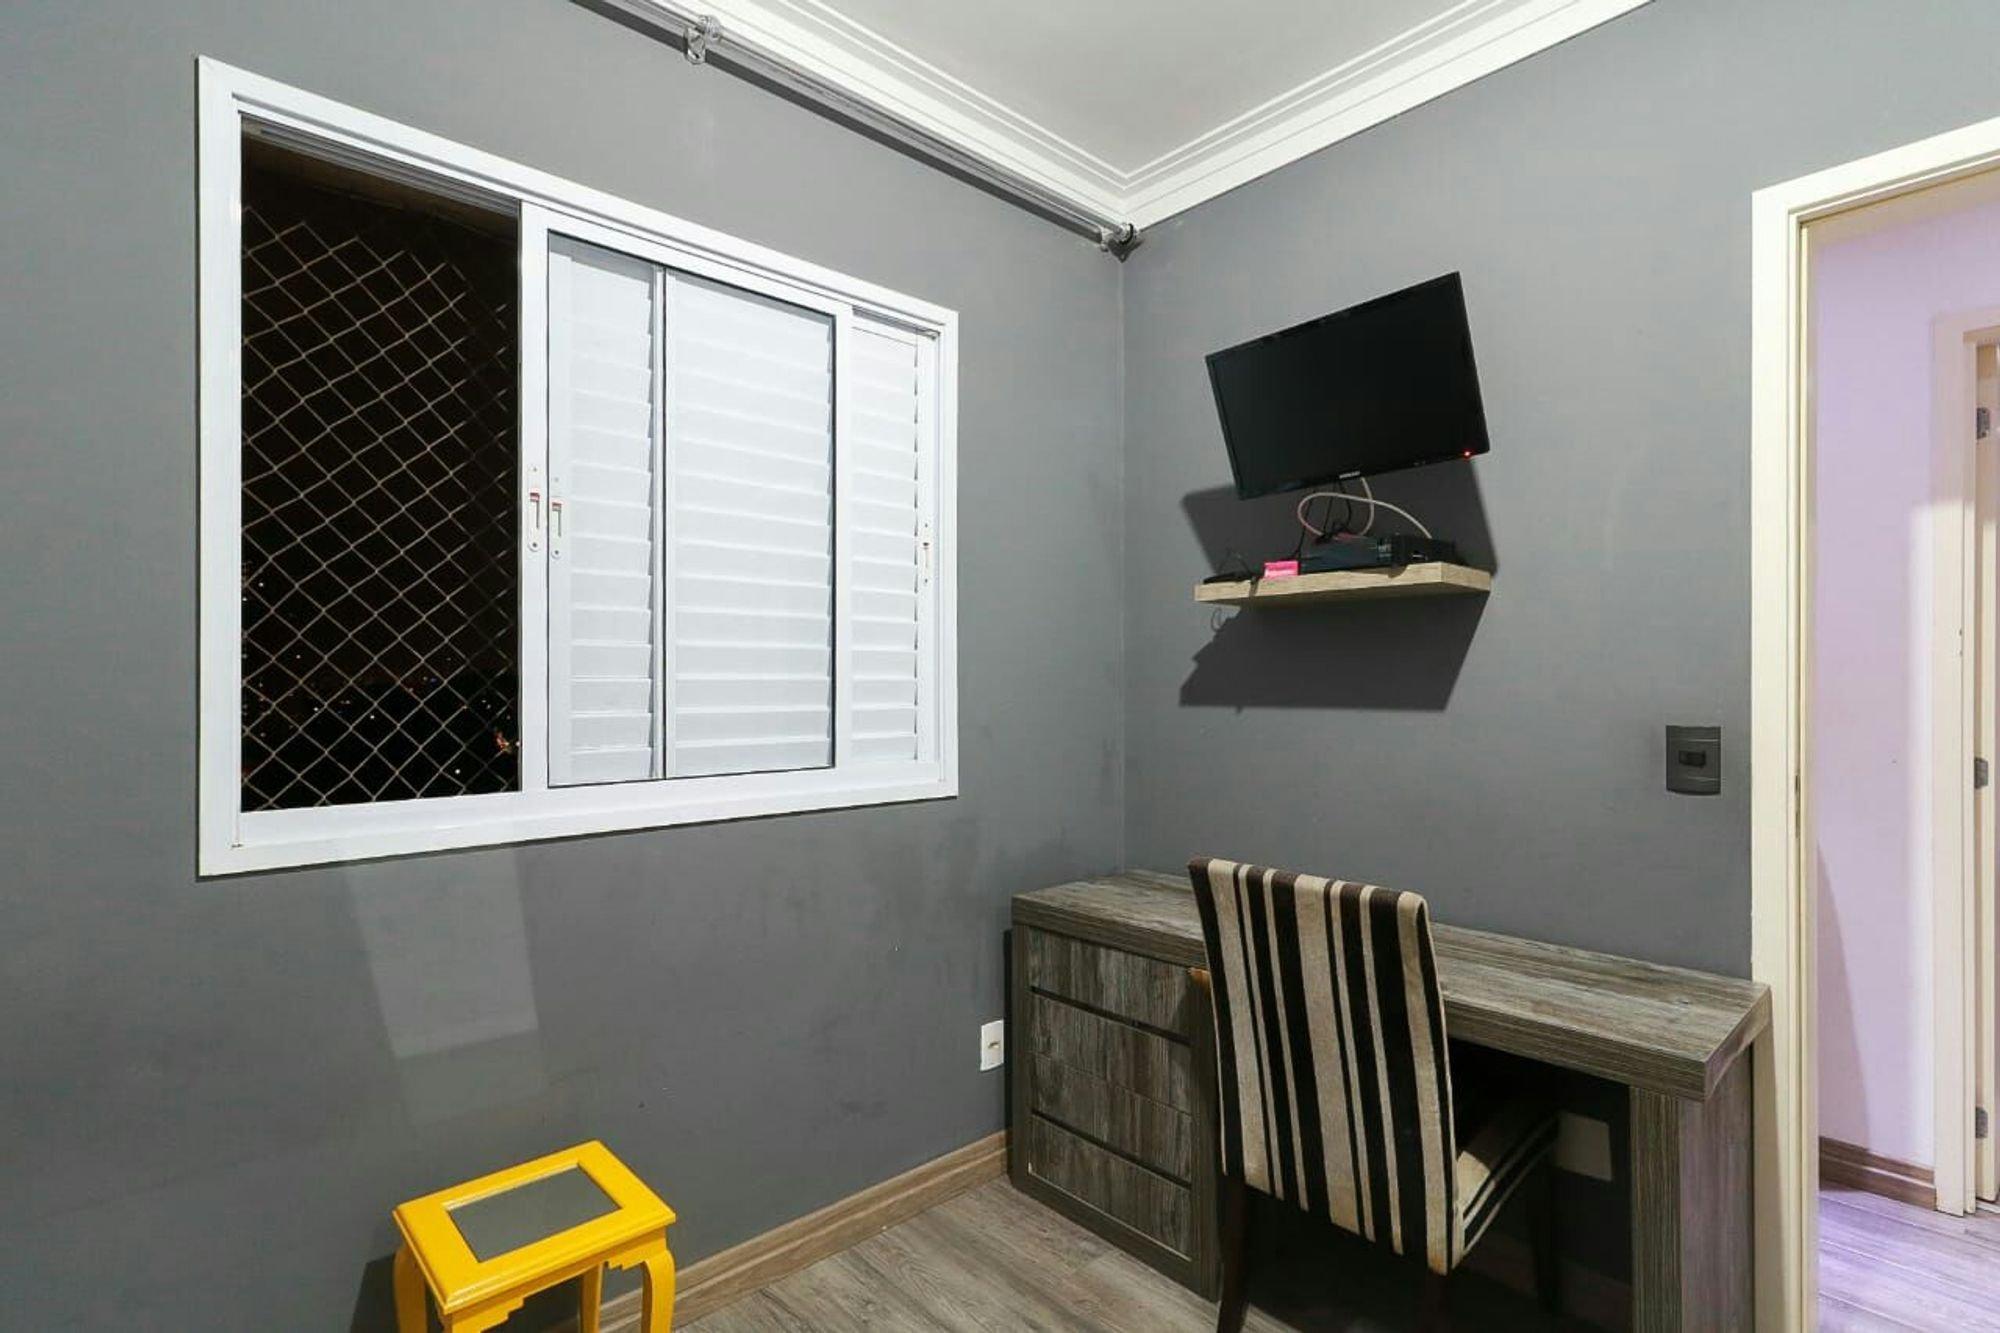 Foto de Quarto com televisão, cadeira